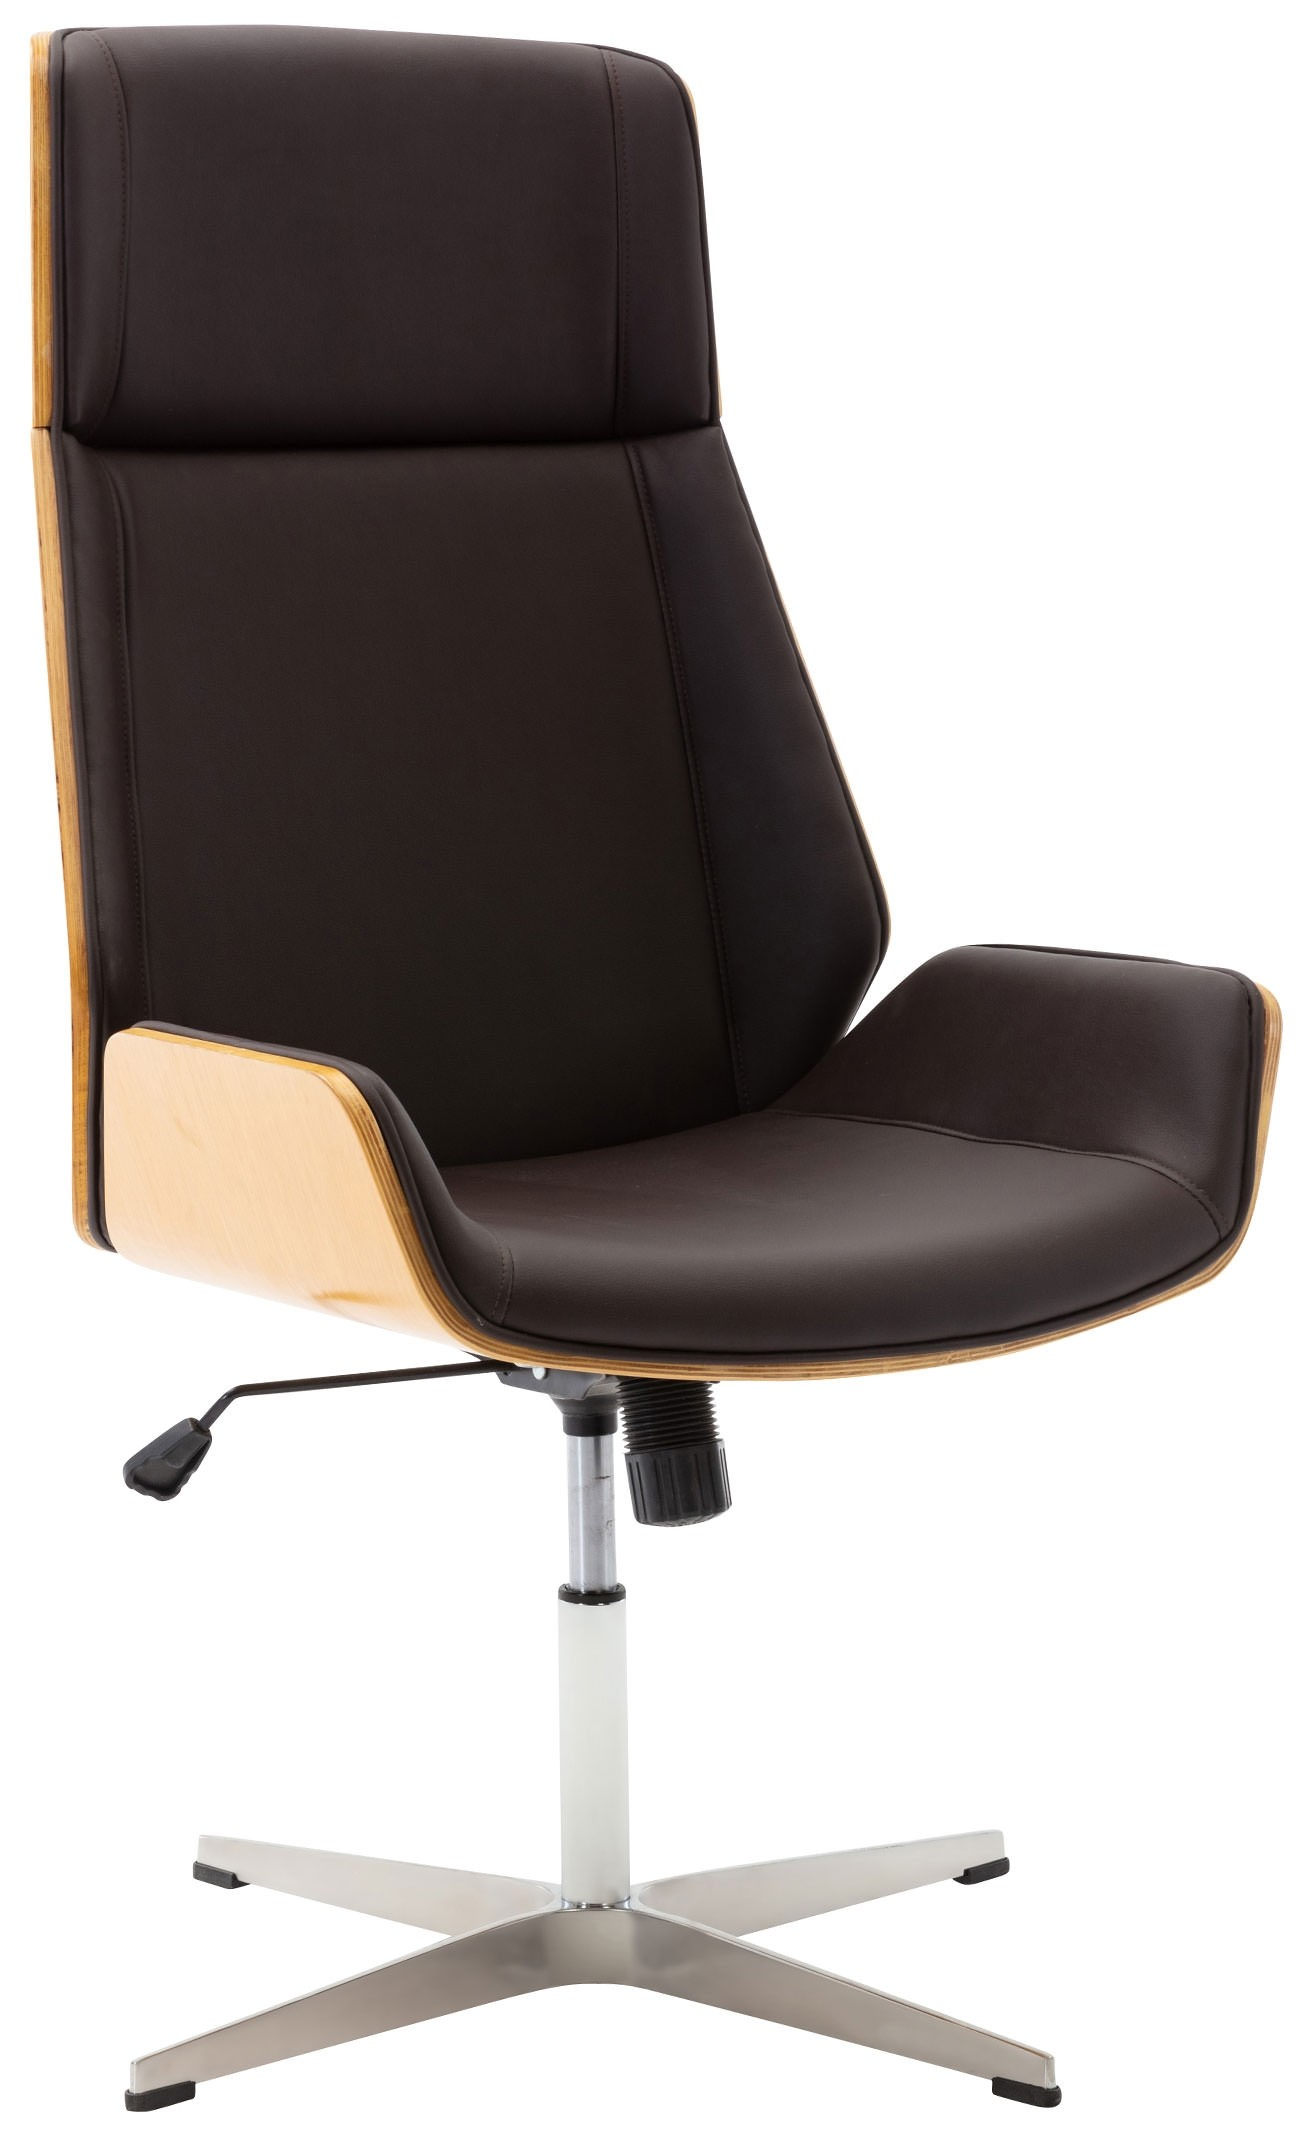 Chaise de visiteur Breda en similicuir avec coque de siège en bois